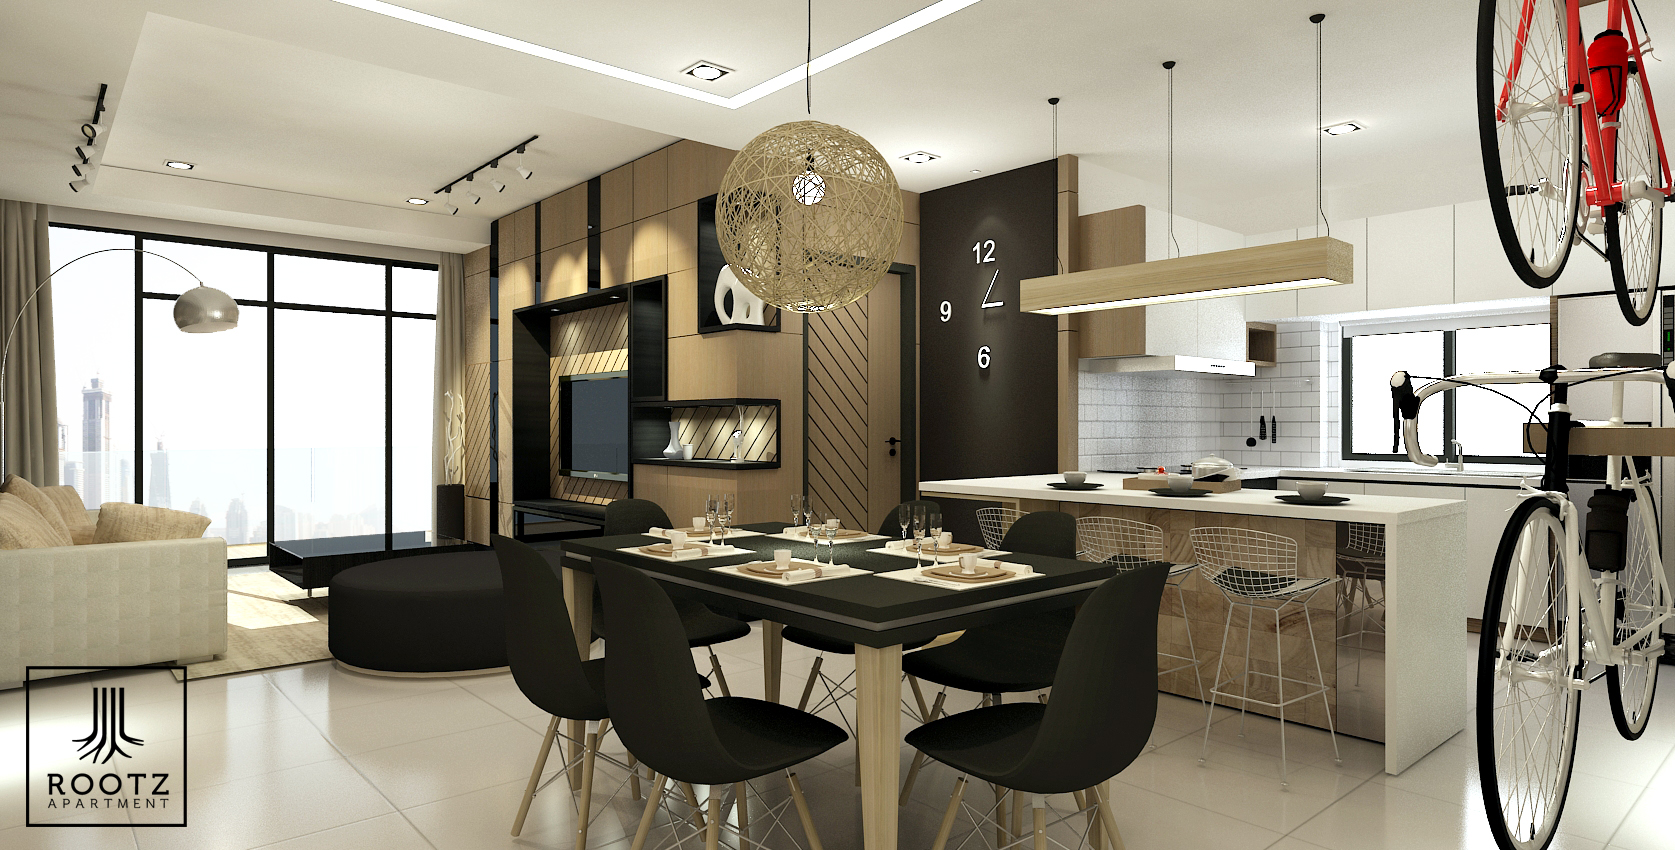 Condominium Design